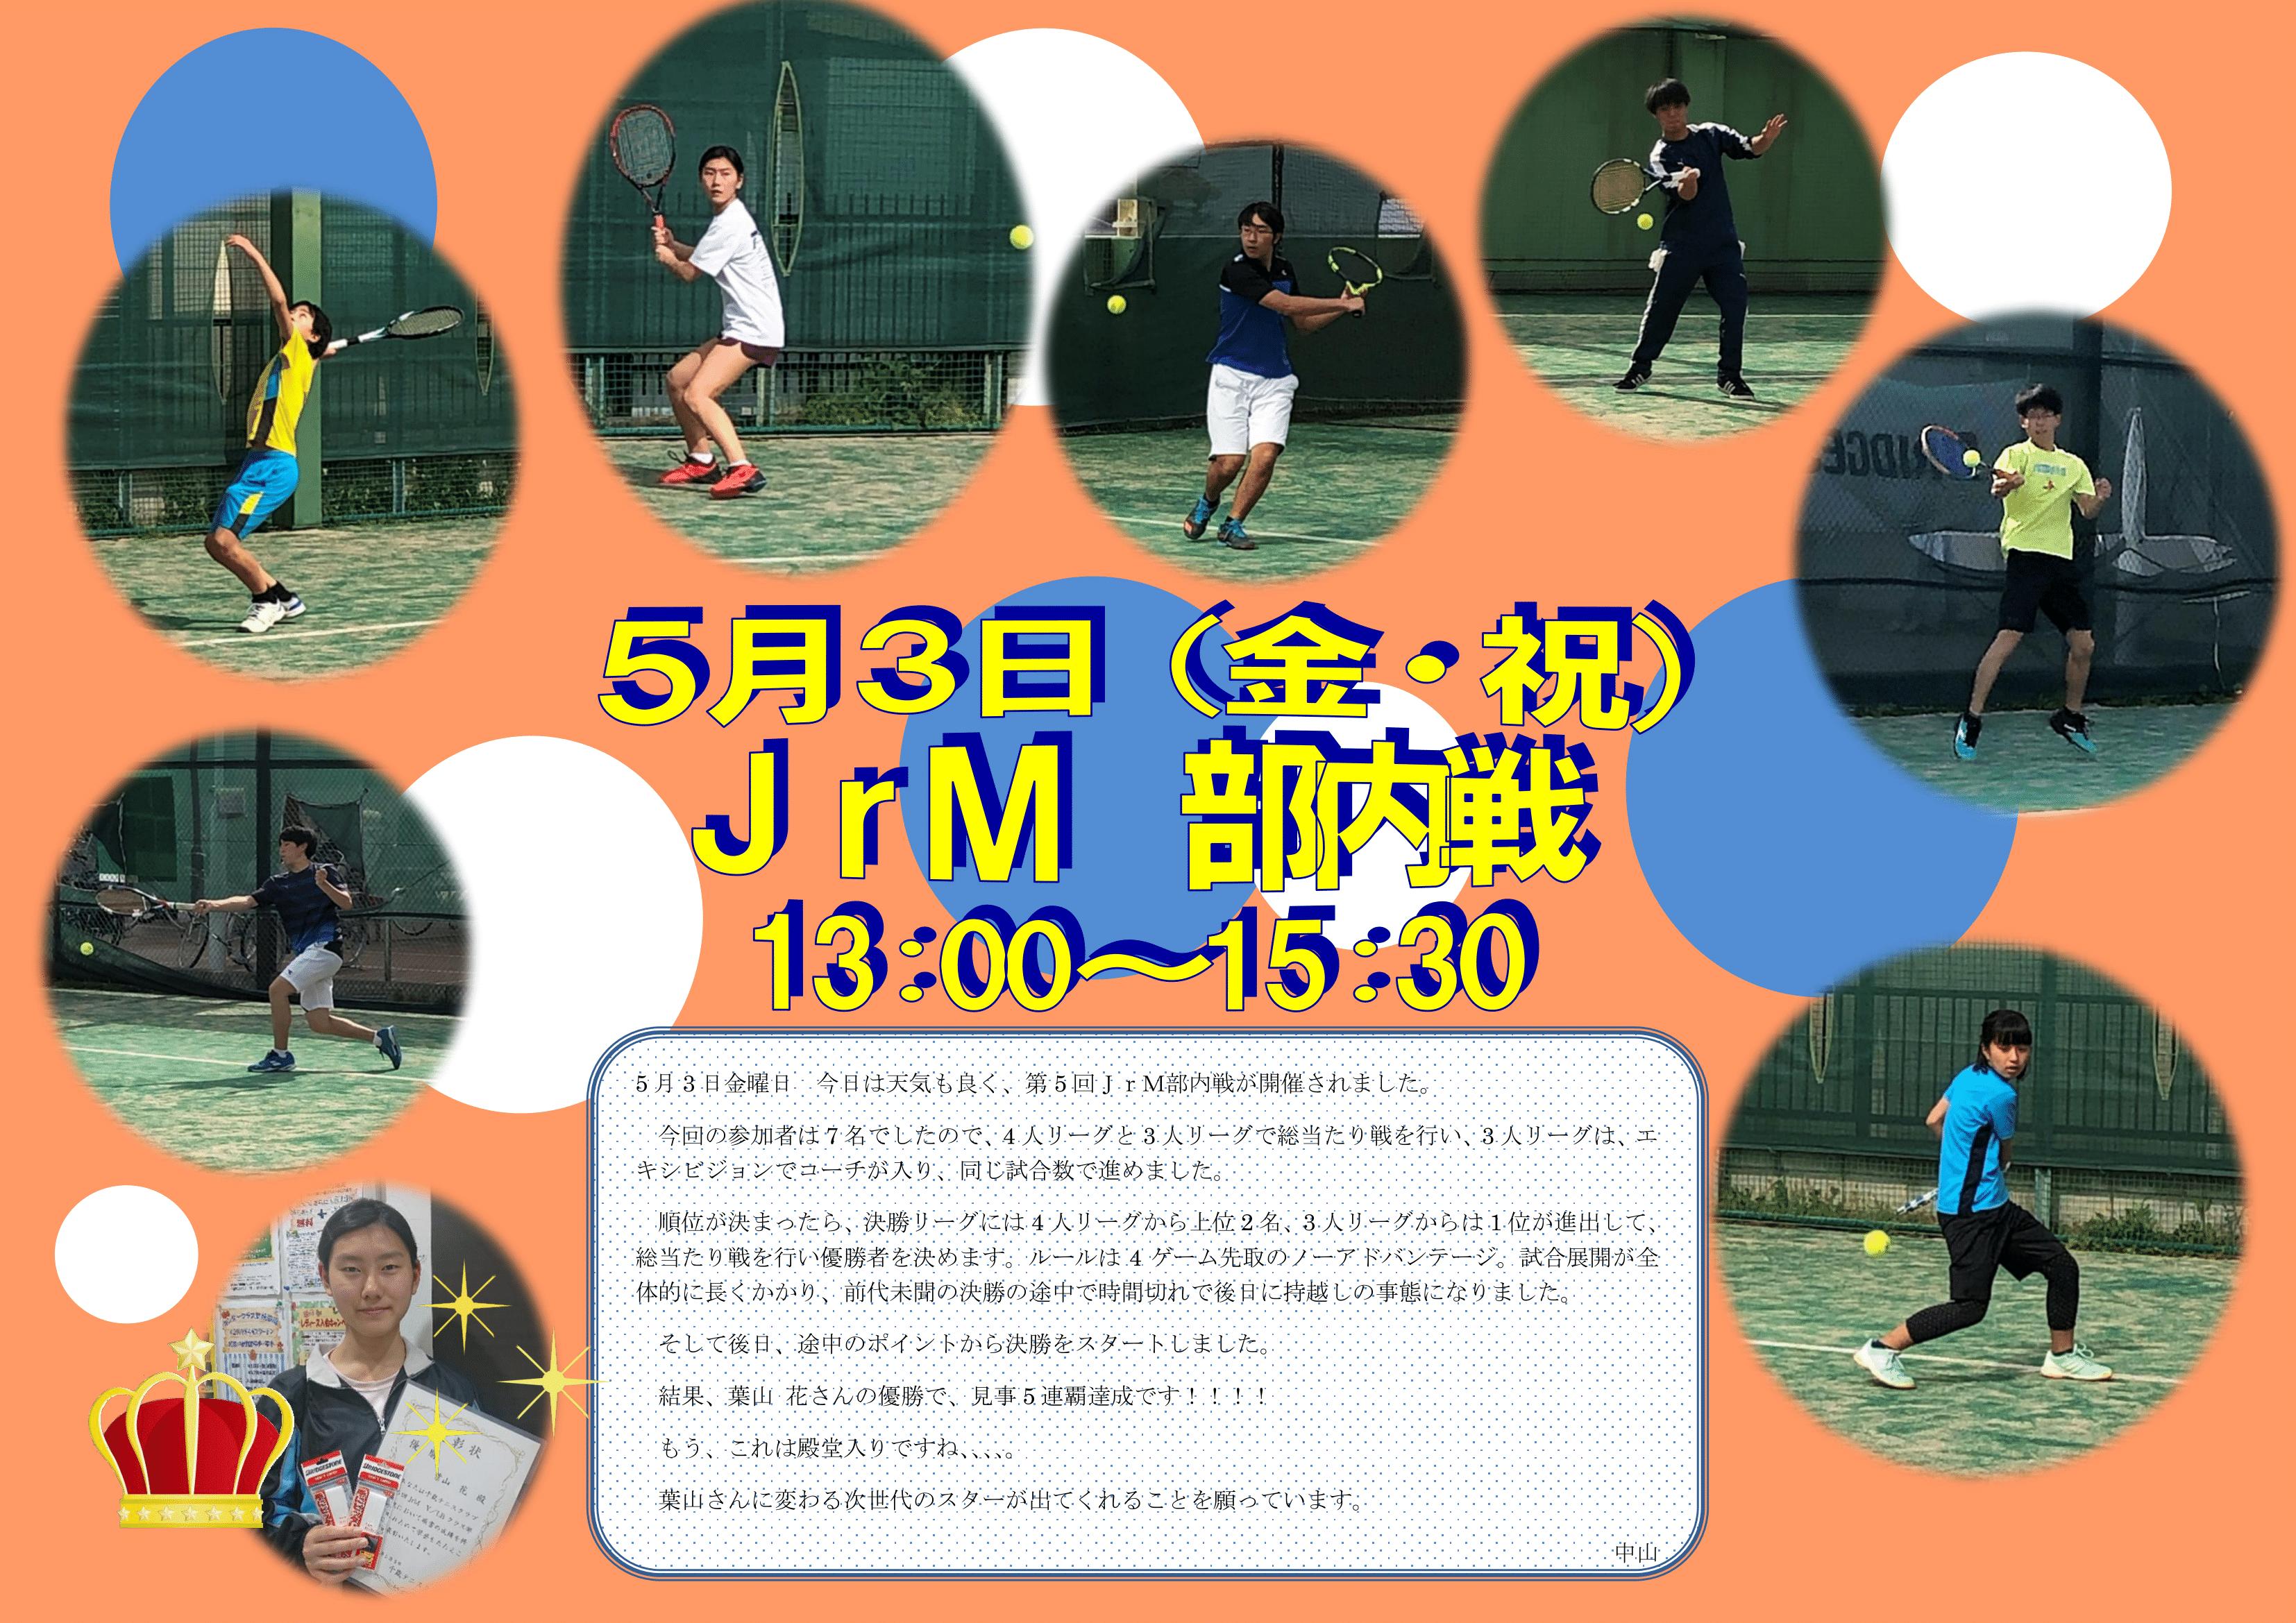 20190503 JrM部内線album-1